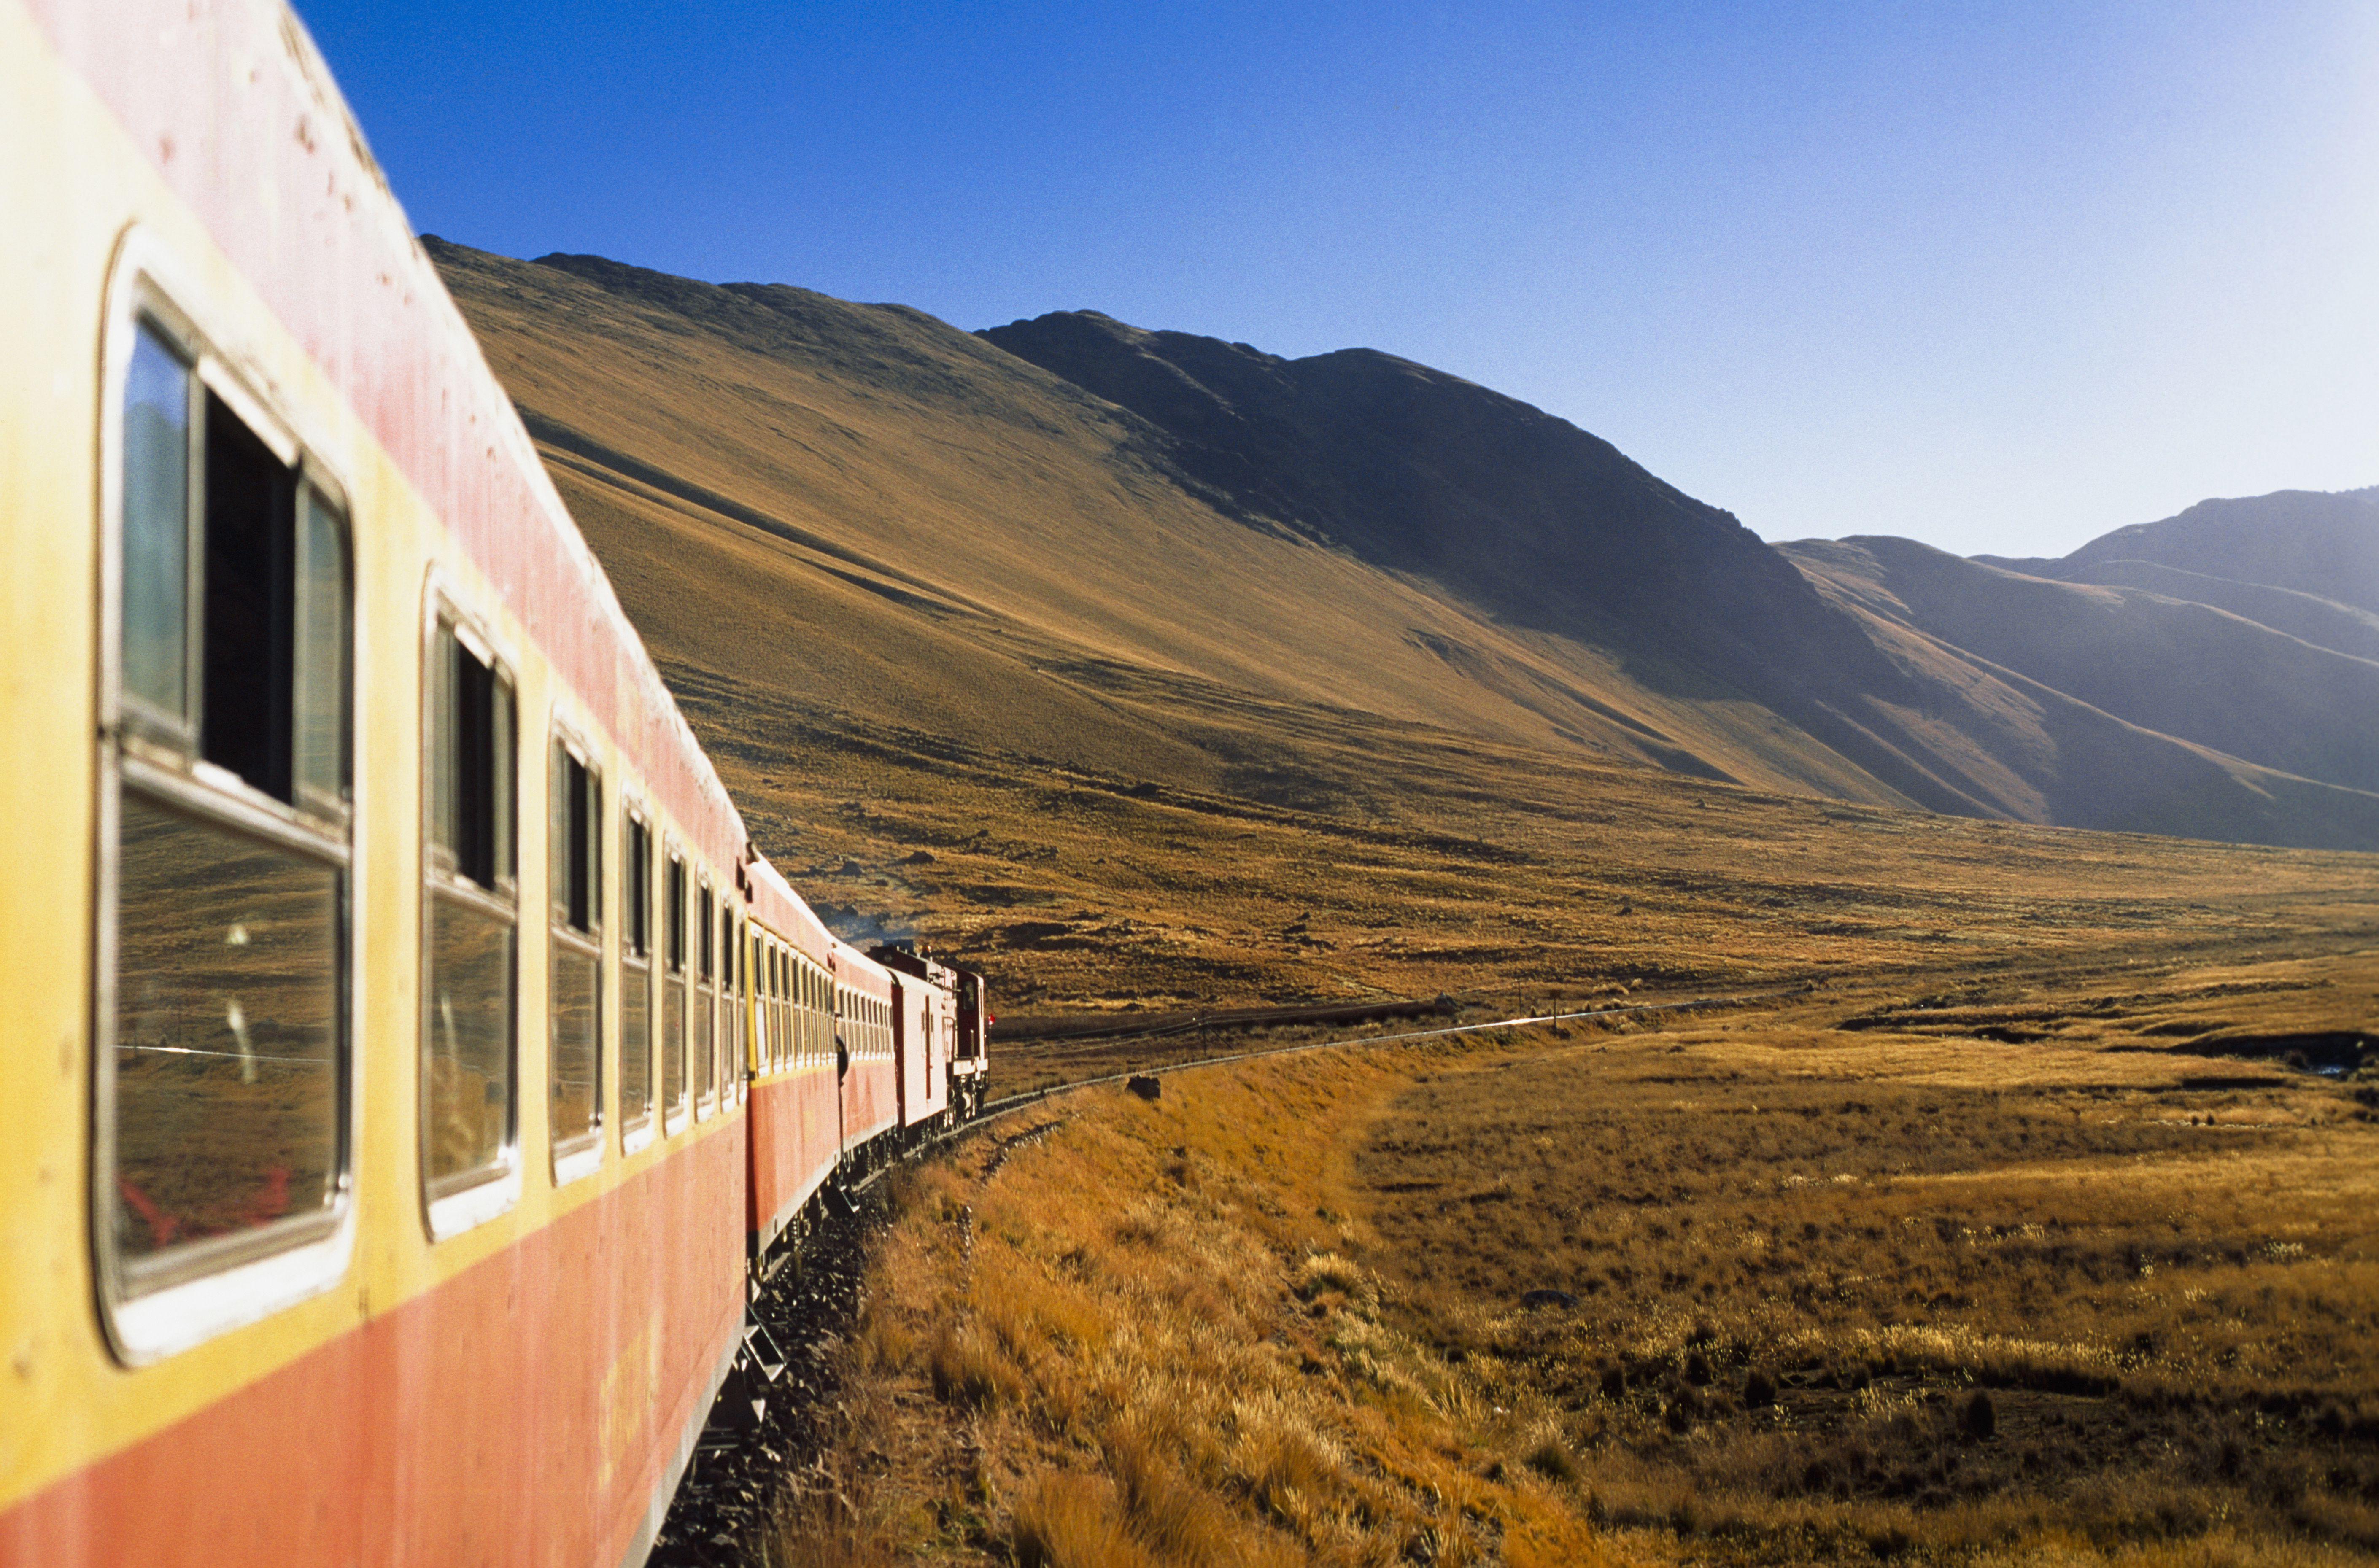 Trains in Peru